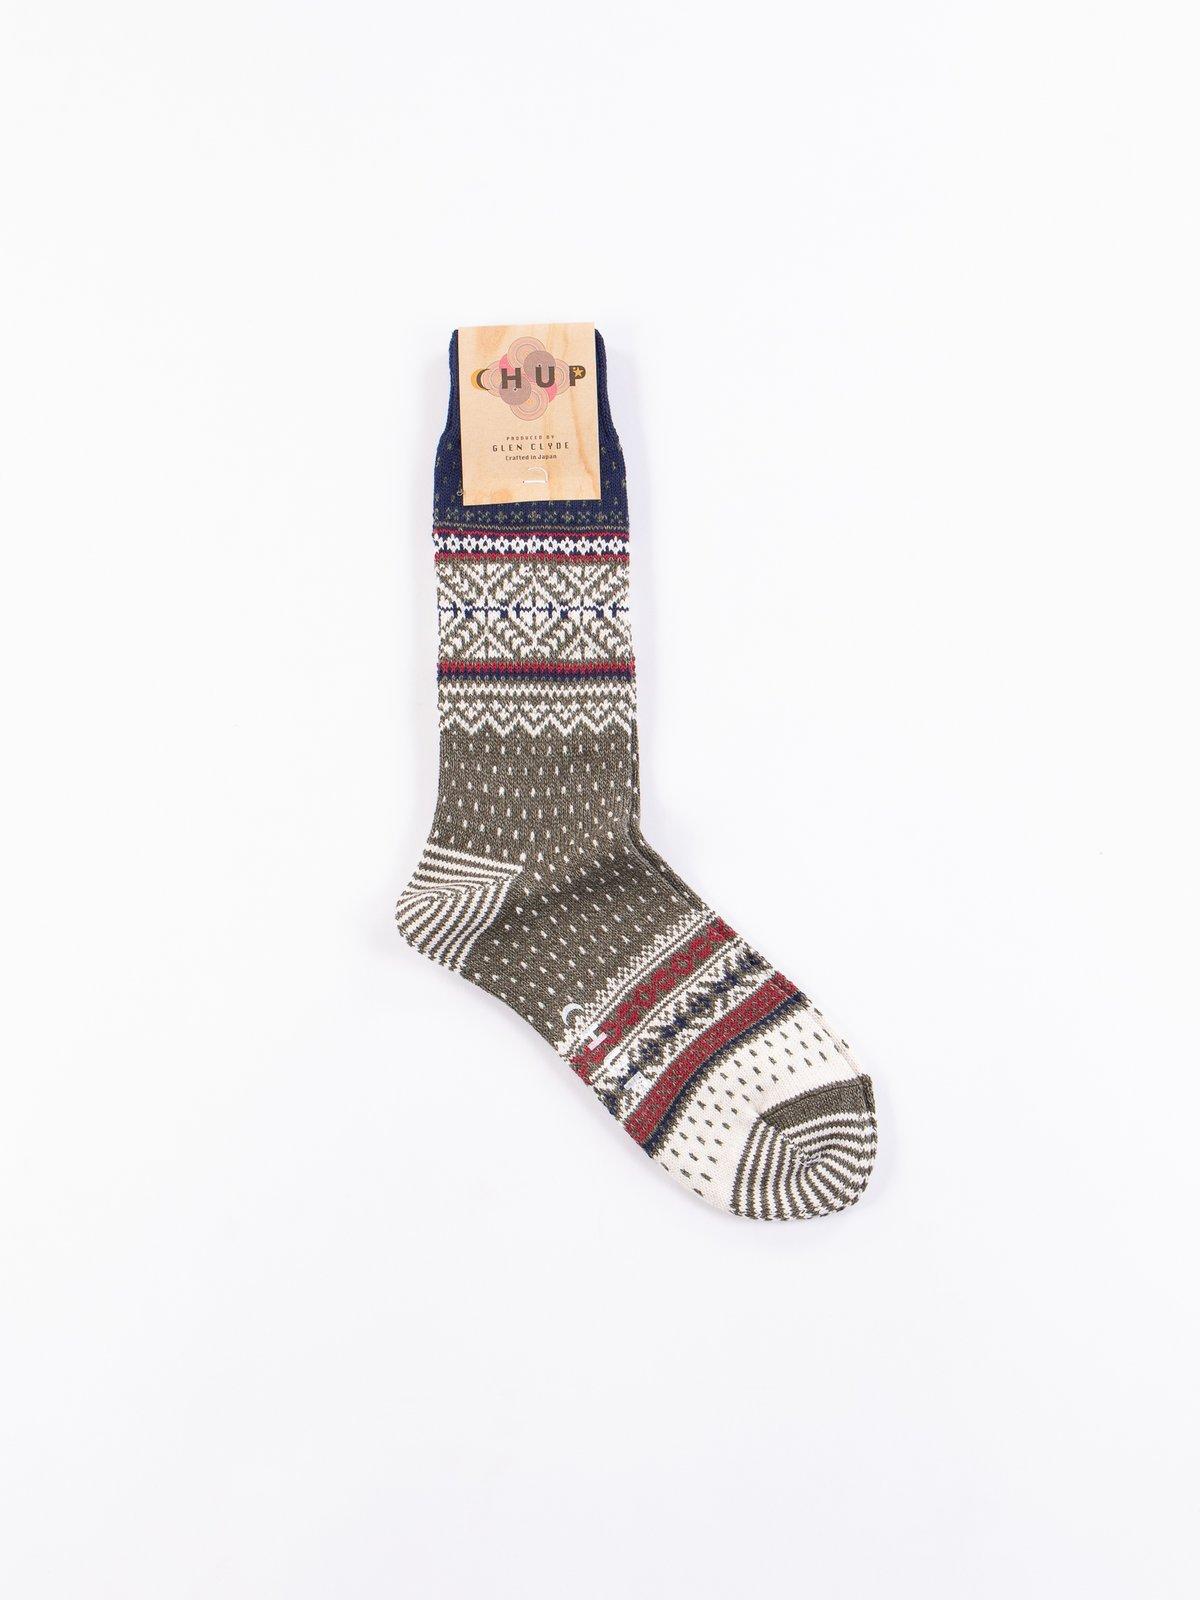 Sage Genser Socks - Image 1